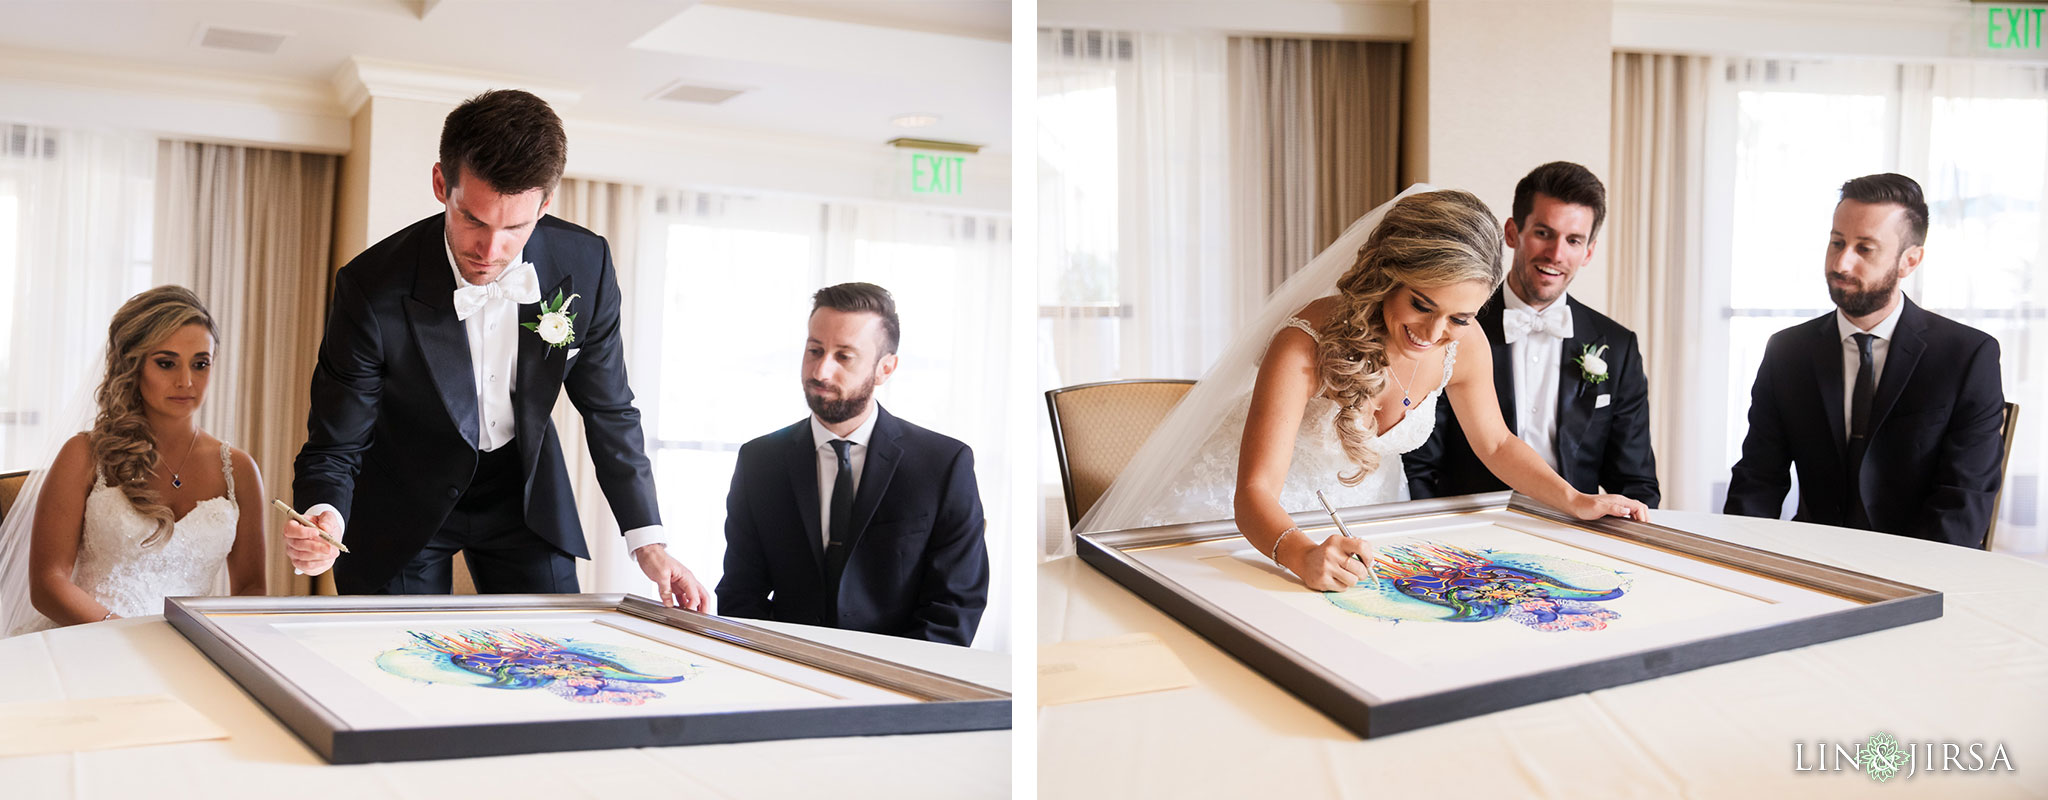 21 balboa bay wedding ketubah signing photography